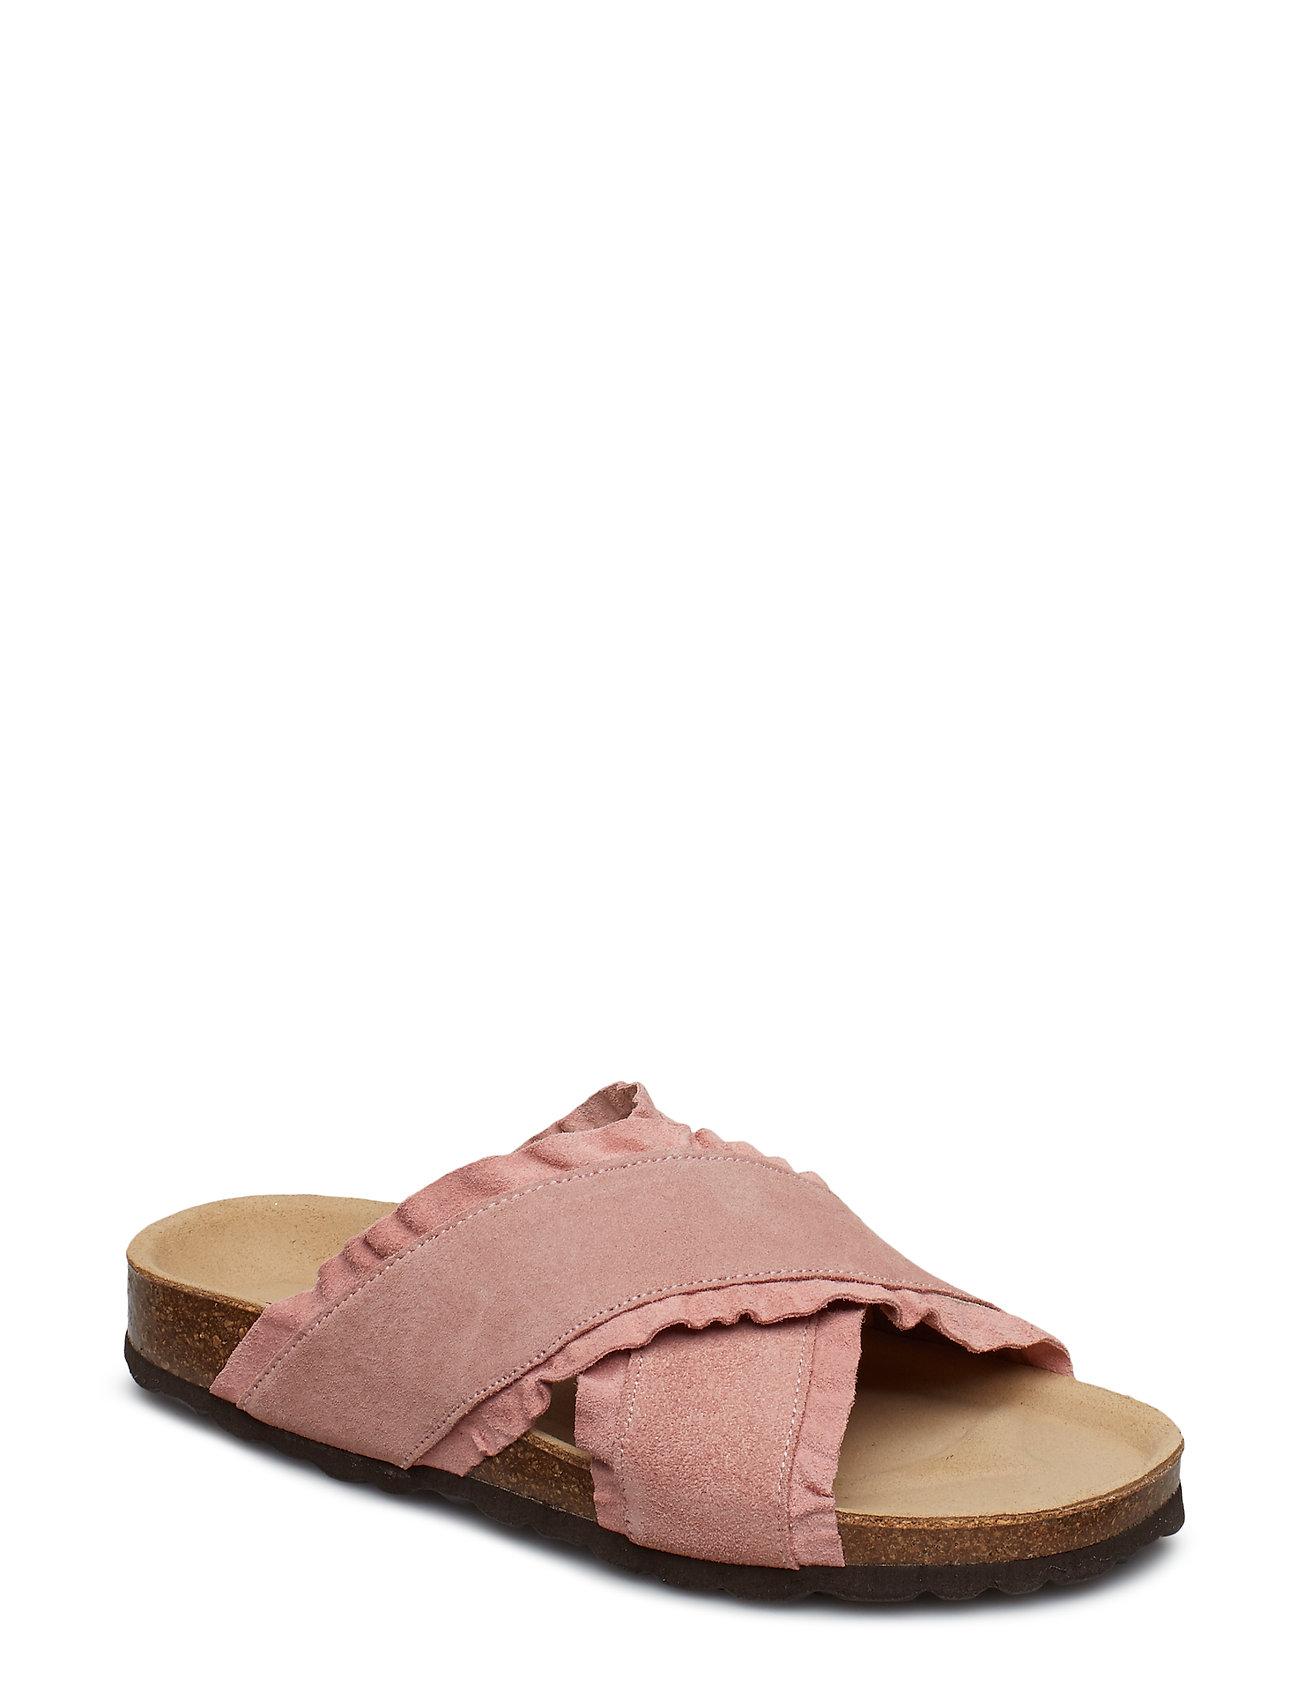 Slipper Flade Sandaler Sort SOFIE SCHNOOR